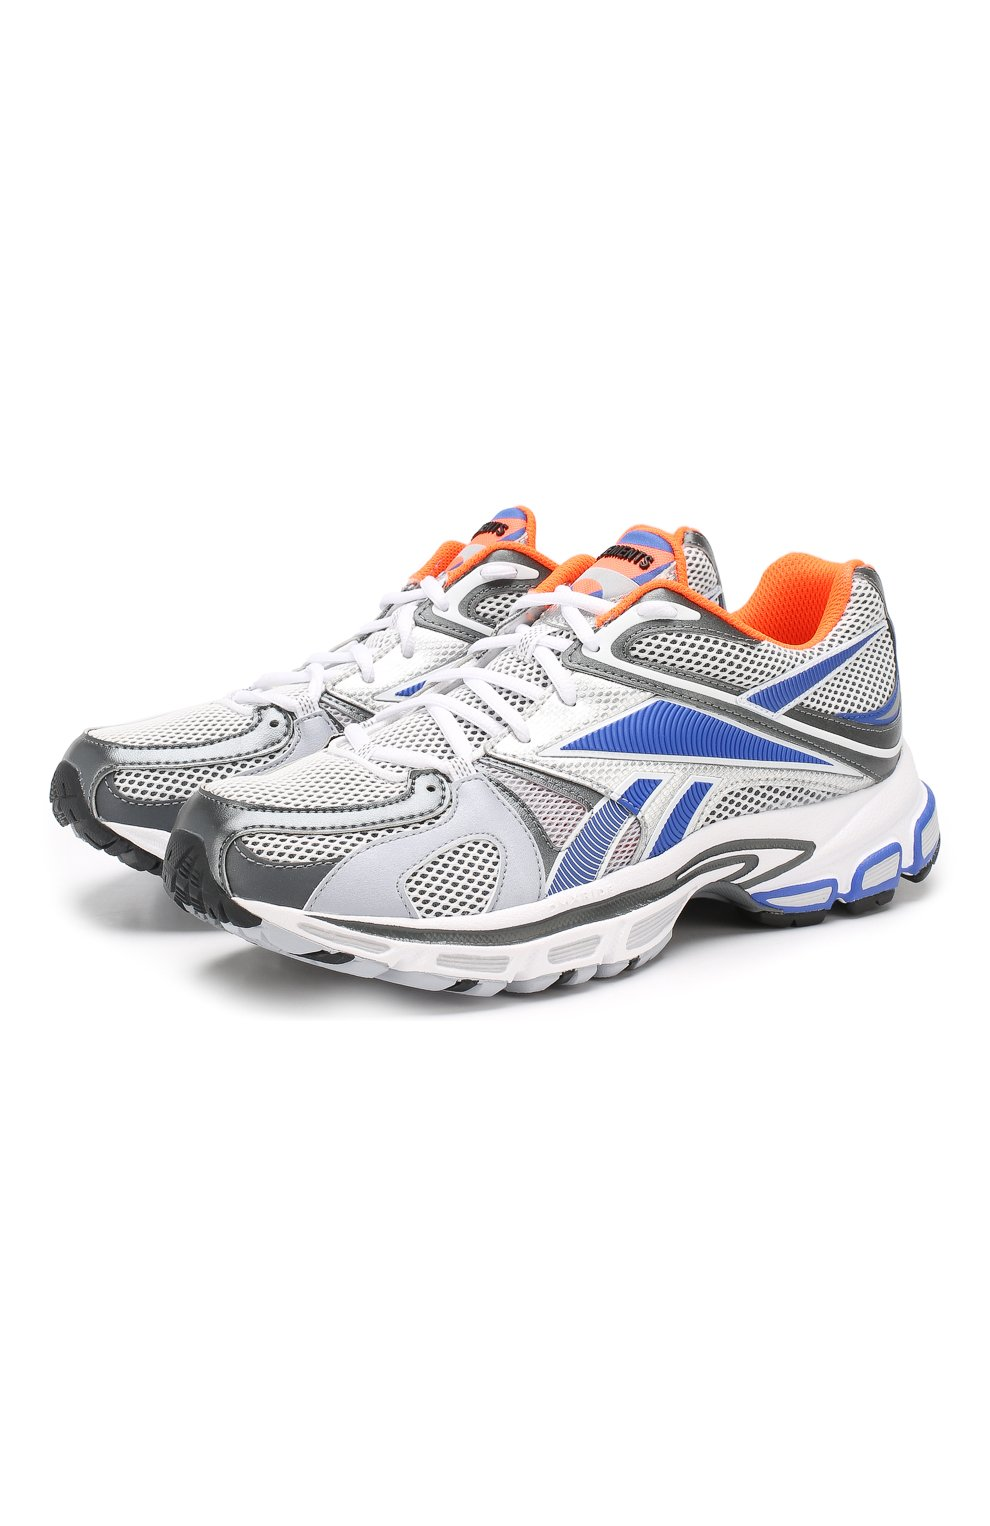 Текстильные кроссовки Vetements x Reebok Spike Runner 200 | Фото №1